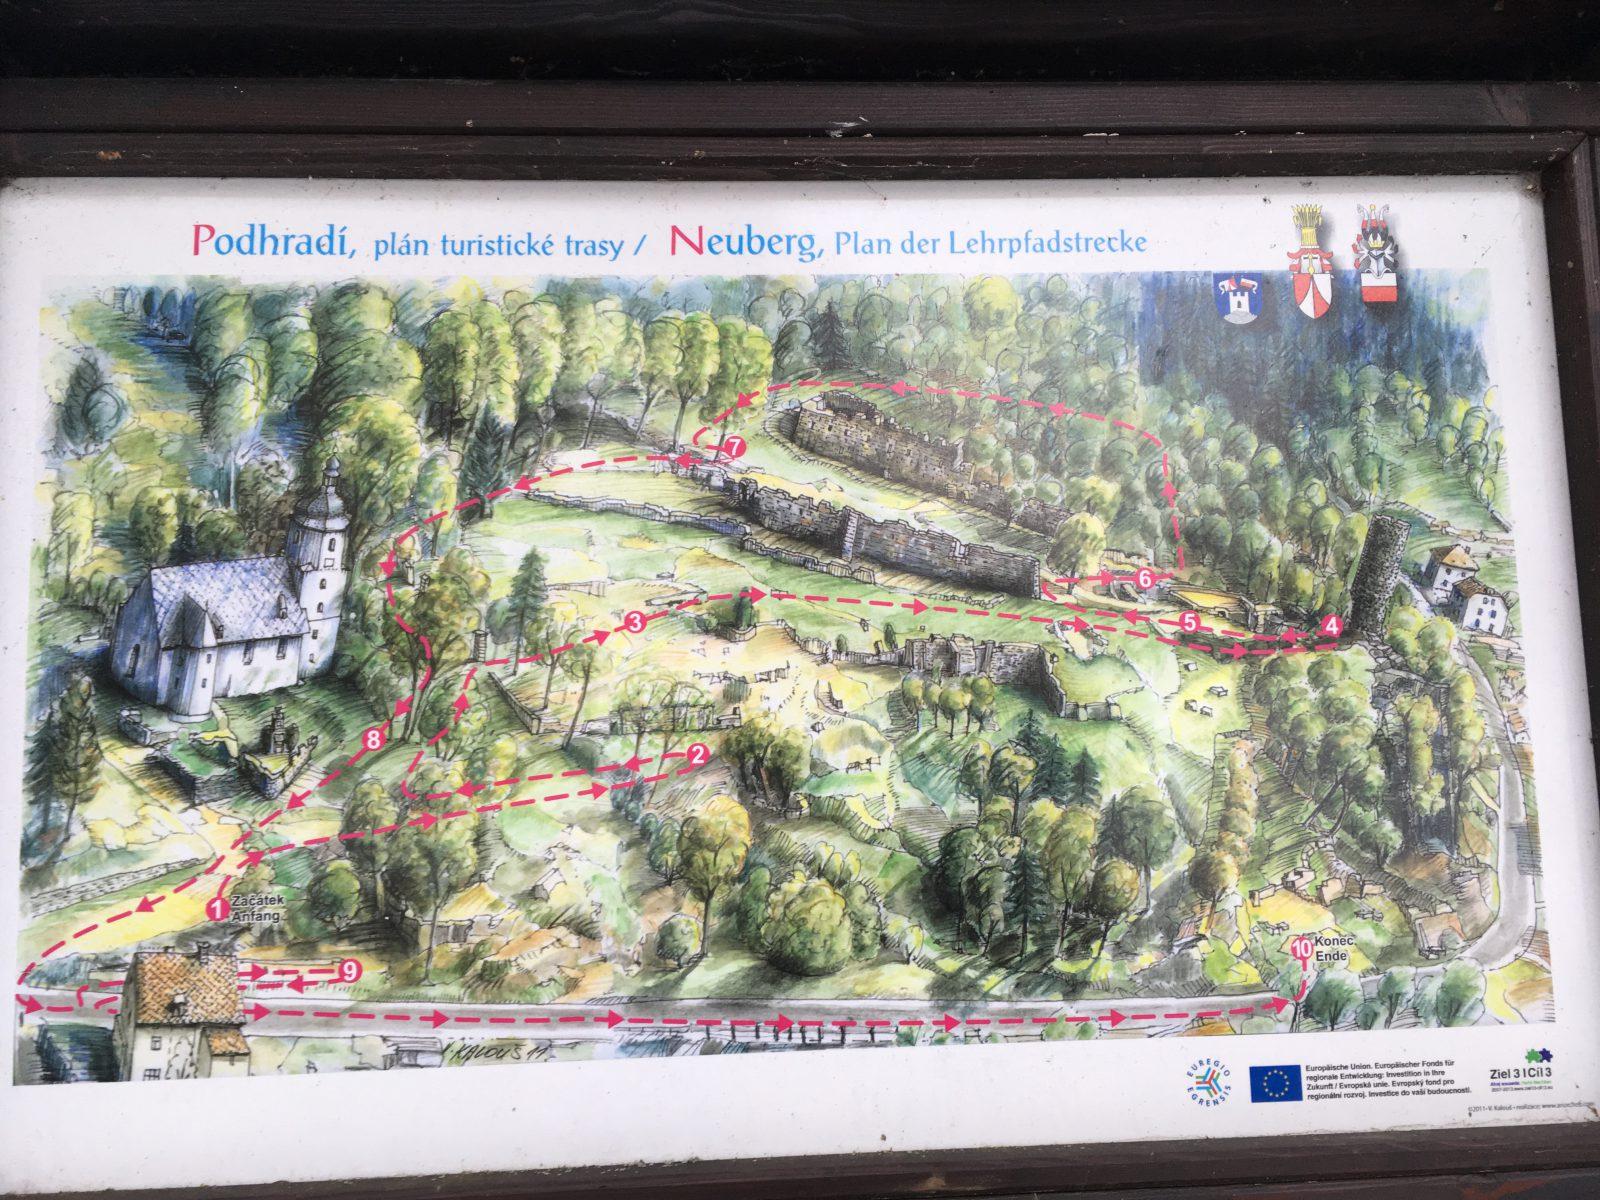 Die Burgruine der Burg Neuberg in Podhradi